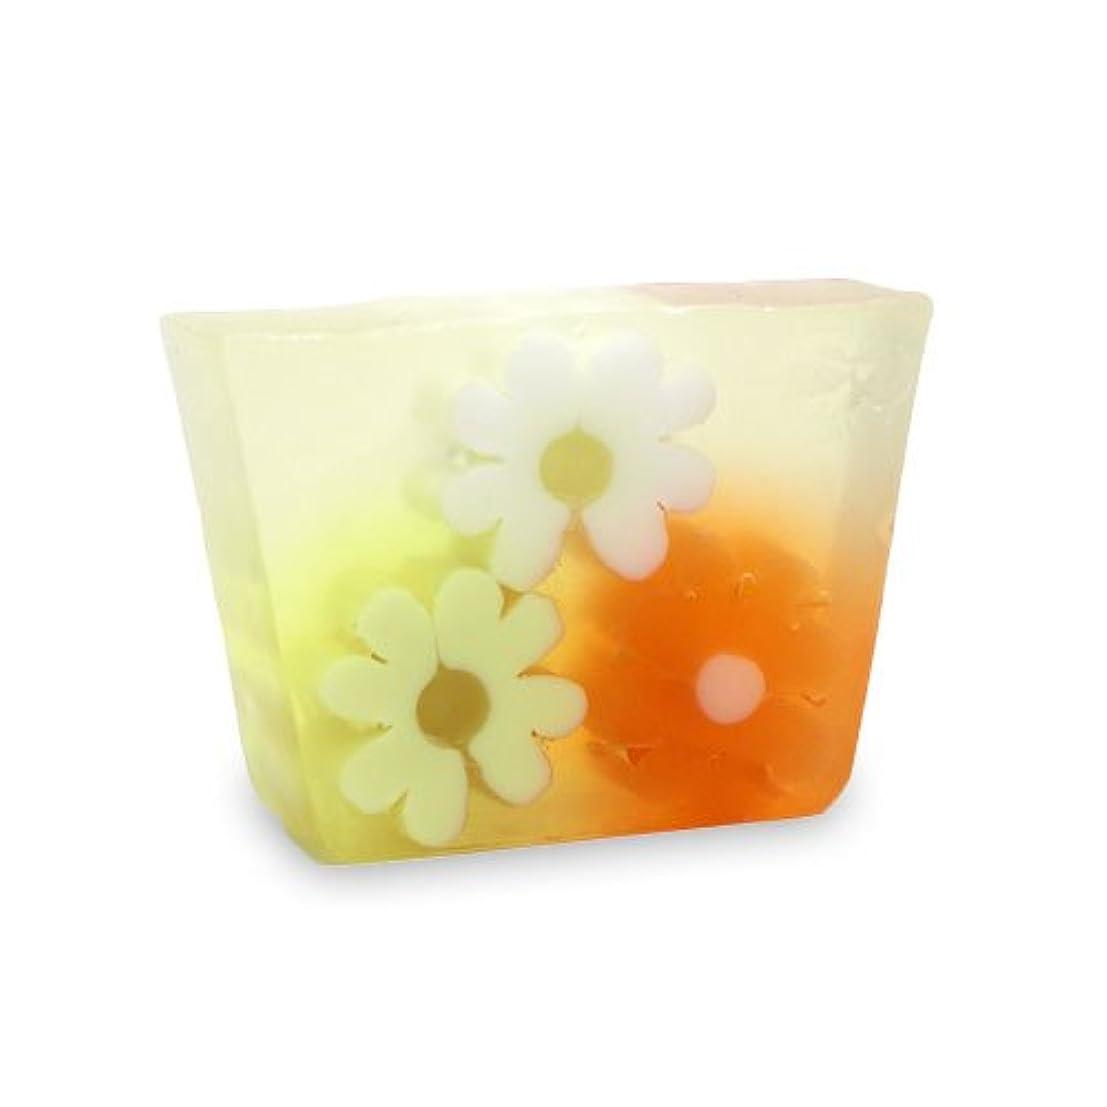 戻る病んでいる細いプライモールエレメンツ アロマティック ミニソープ オレンジフラワーショップ 80g 植物性 ナチュラル 石鹸 無添加